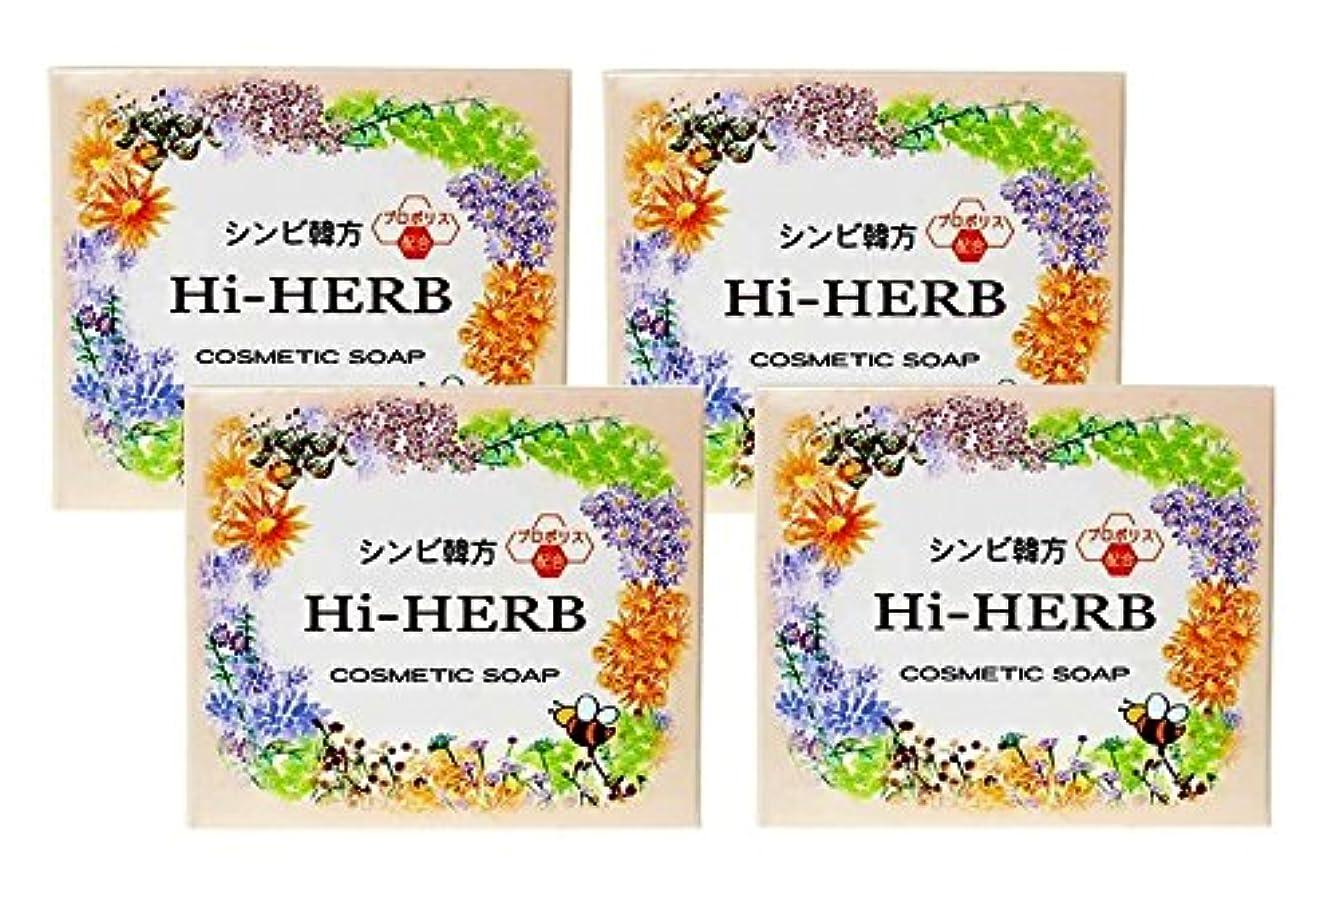 ずるいキャラクターハック【シンビ】韓方ハイハーブ石鹸 100g×4個セット